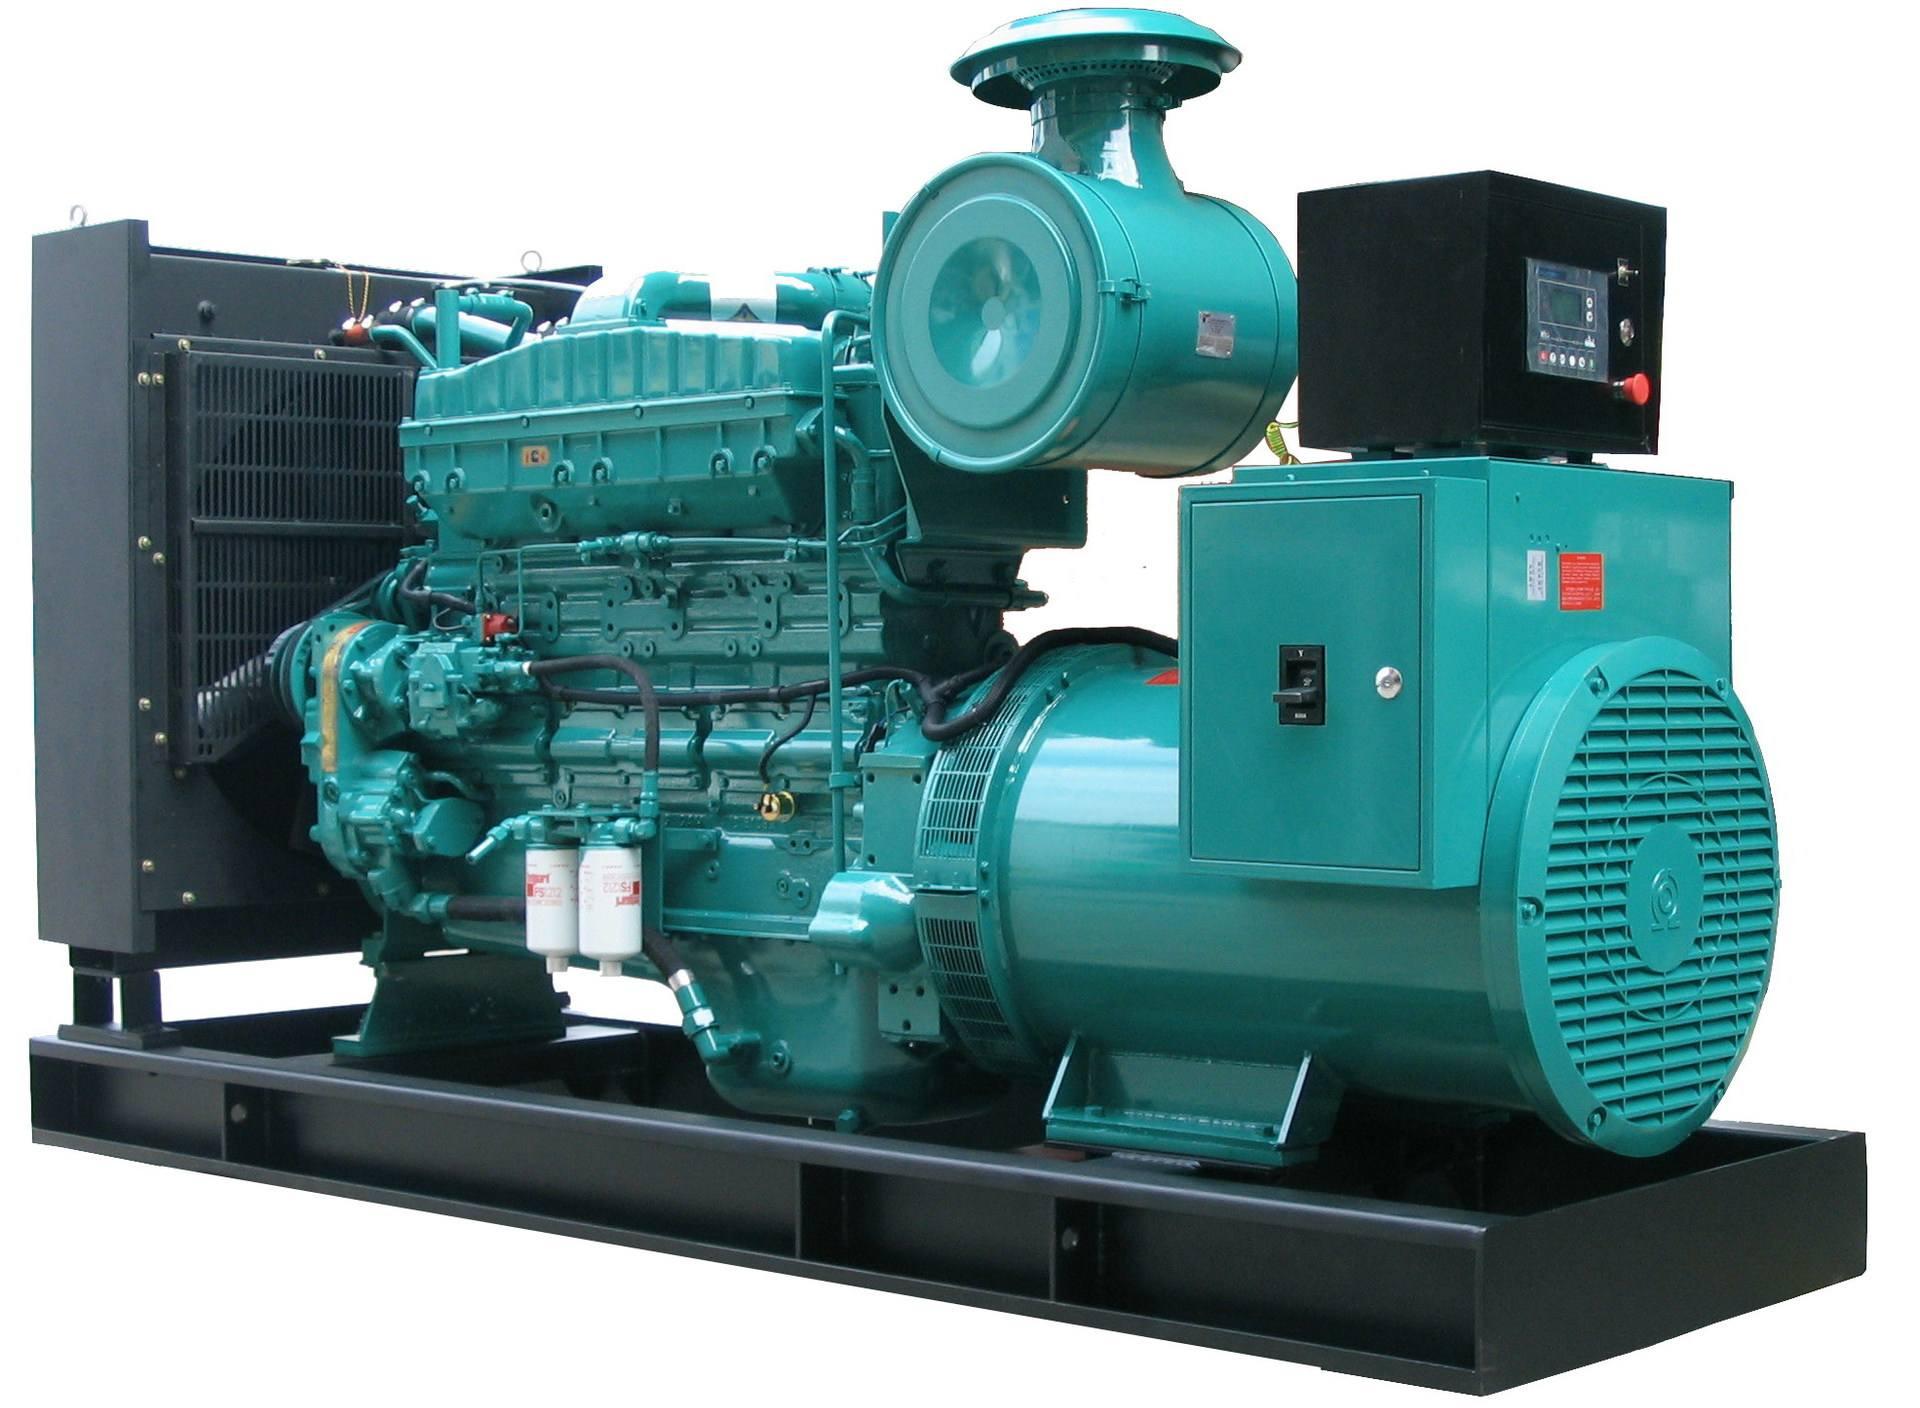 济柴柴油发电机组在节能环保上是如何发展的